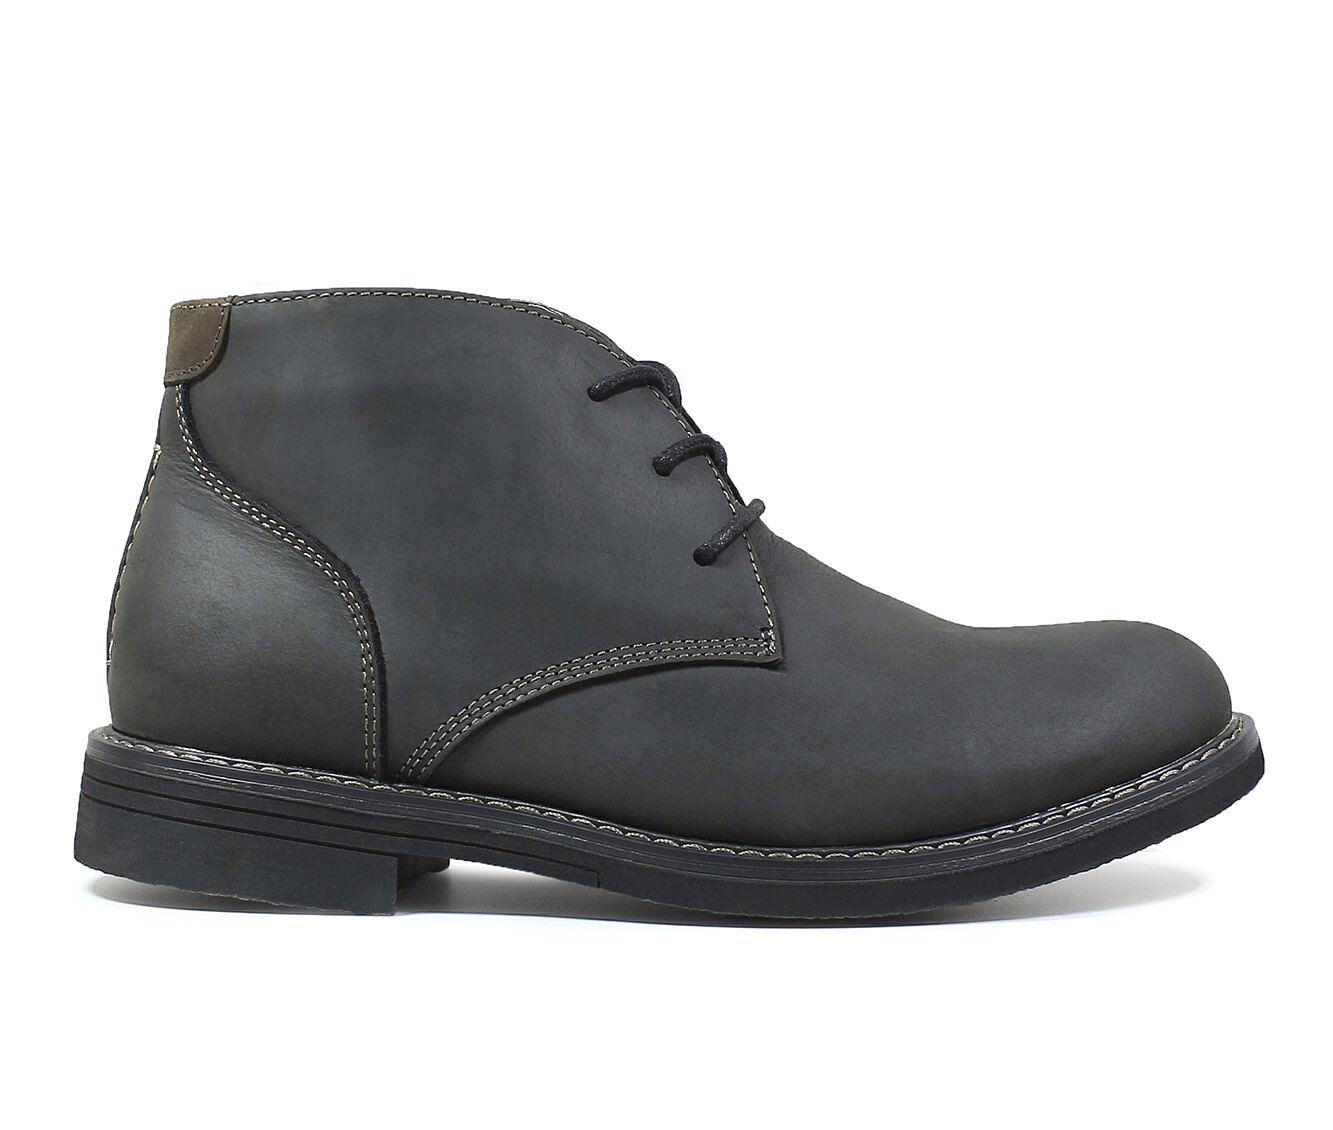 Men's Nunn Bush Lancaster Plain Toe Chukka Boots Black